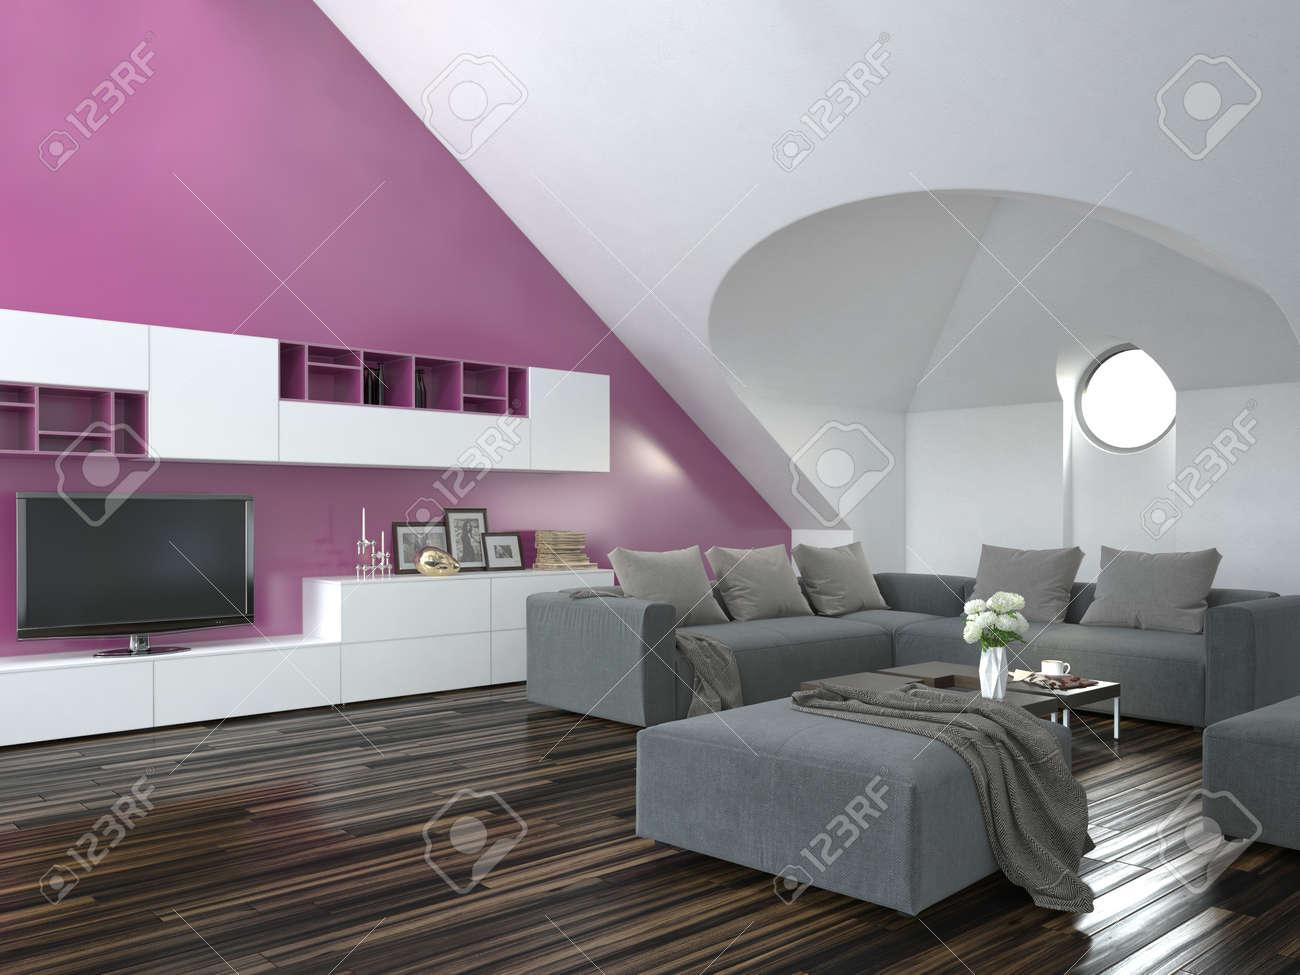 Moderne loft wohnzimmer interieur mit einer schrägen decke und lila akzent wand mit einer